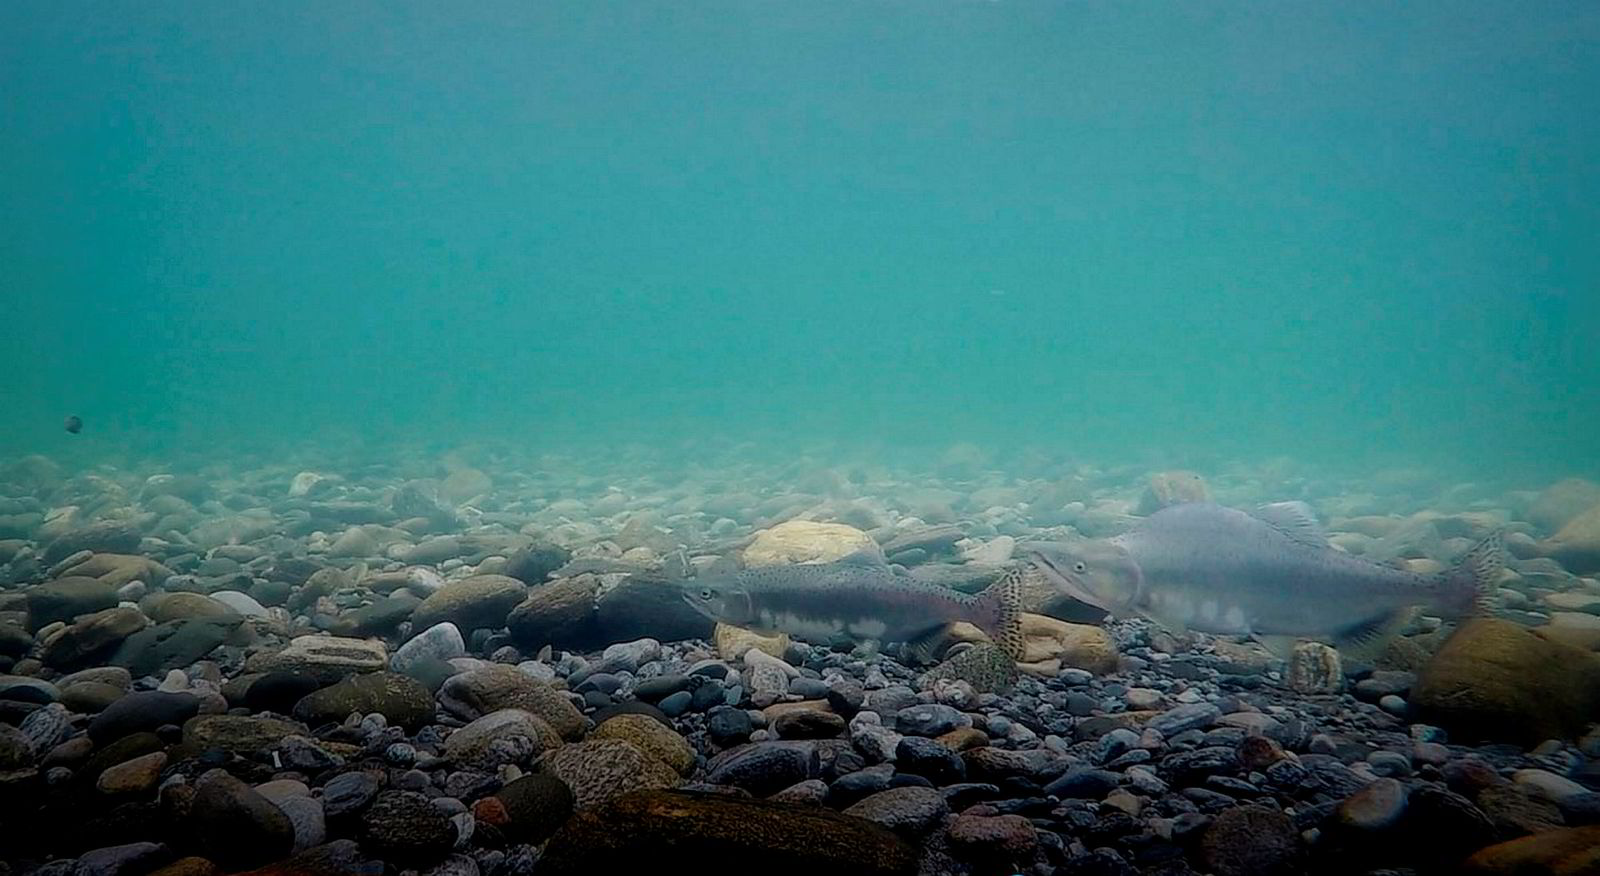 Leif Magnus Sættem har filmet pukkellaks som i disse dager gjør seg klar til å gyte i elva Driva i Møre og Romsdal.